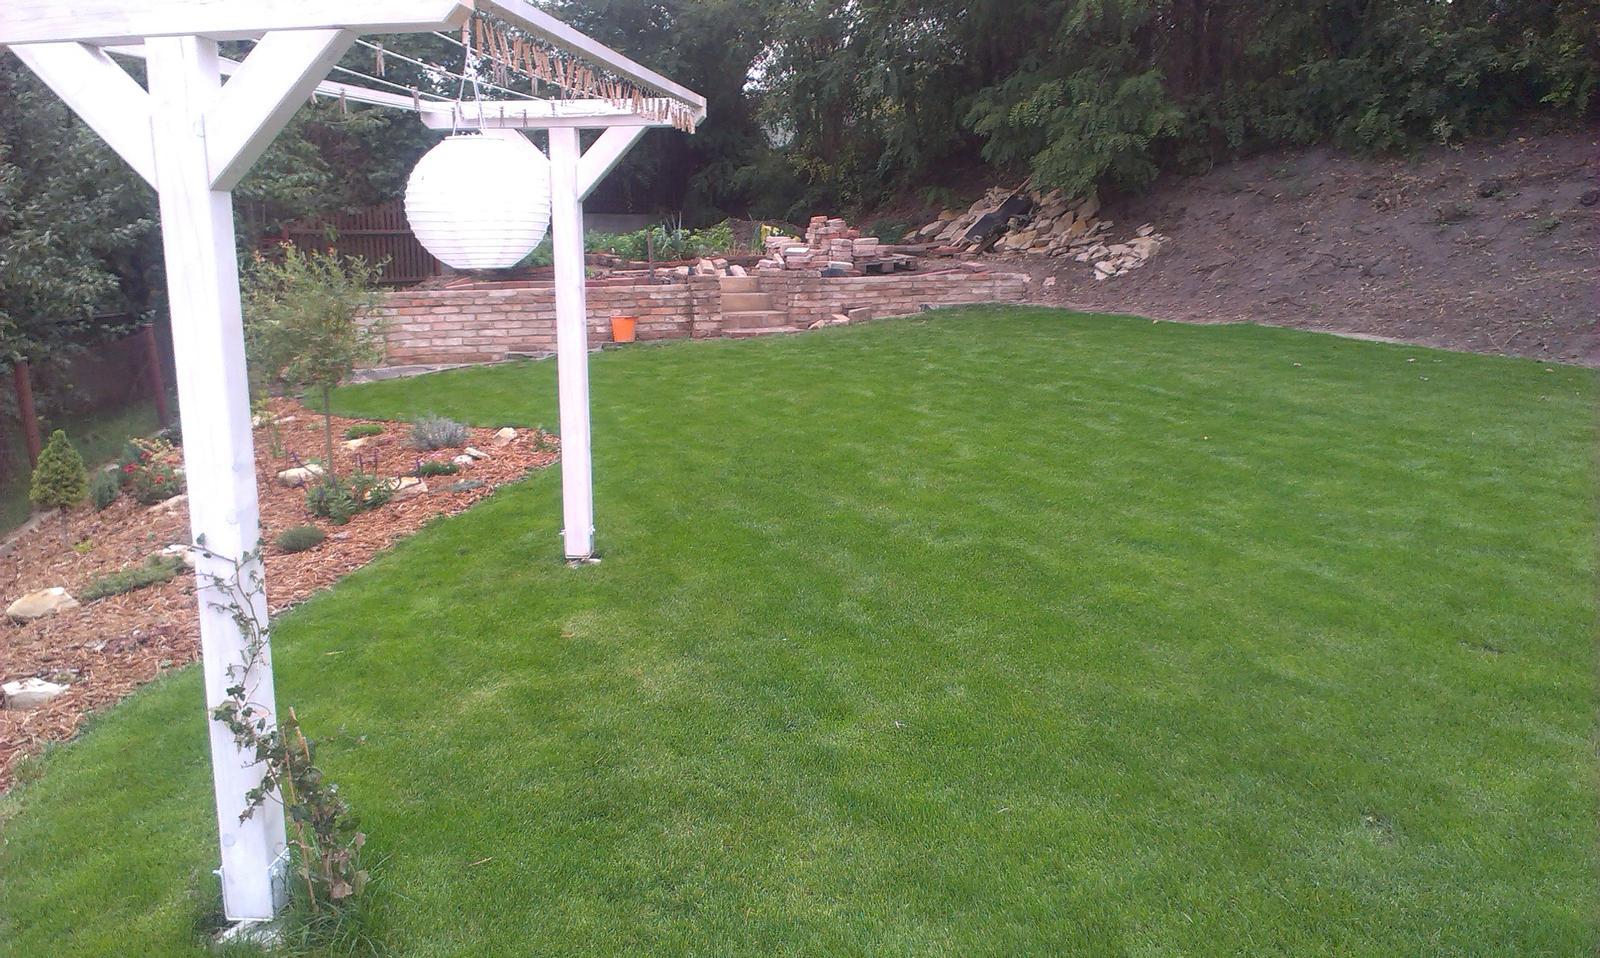 Záhrada - výstavný trávnik - Ježovatka kuří noha to už vzdala - na jar začne nový boj ale teraz si to musíme užiť :-)))))